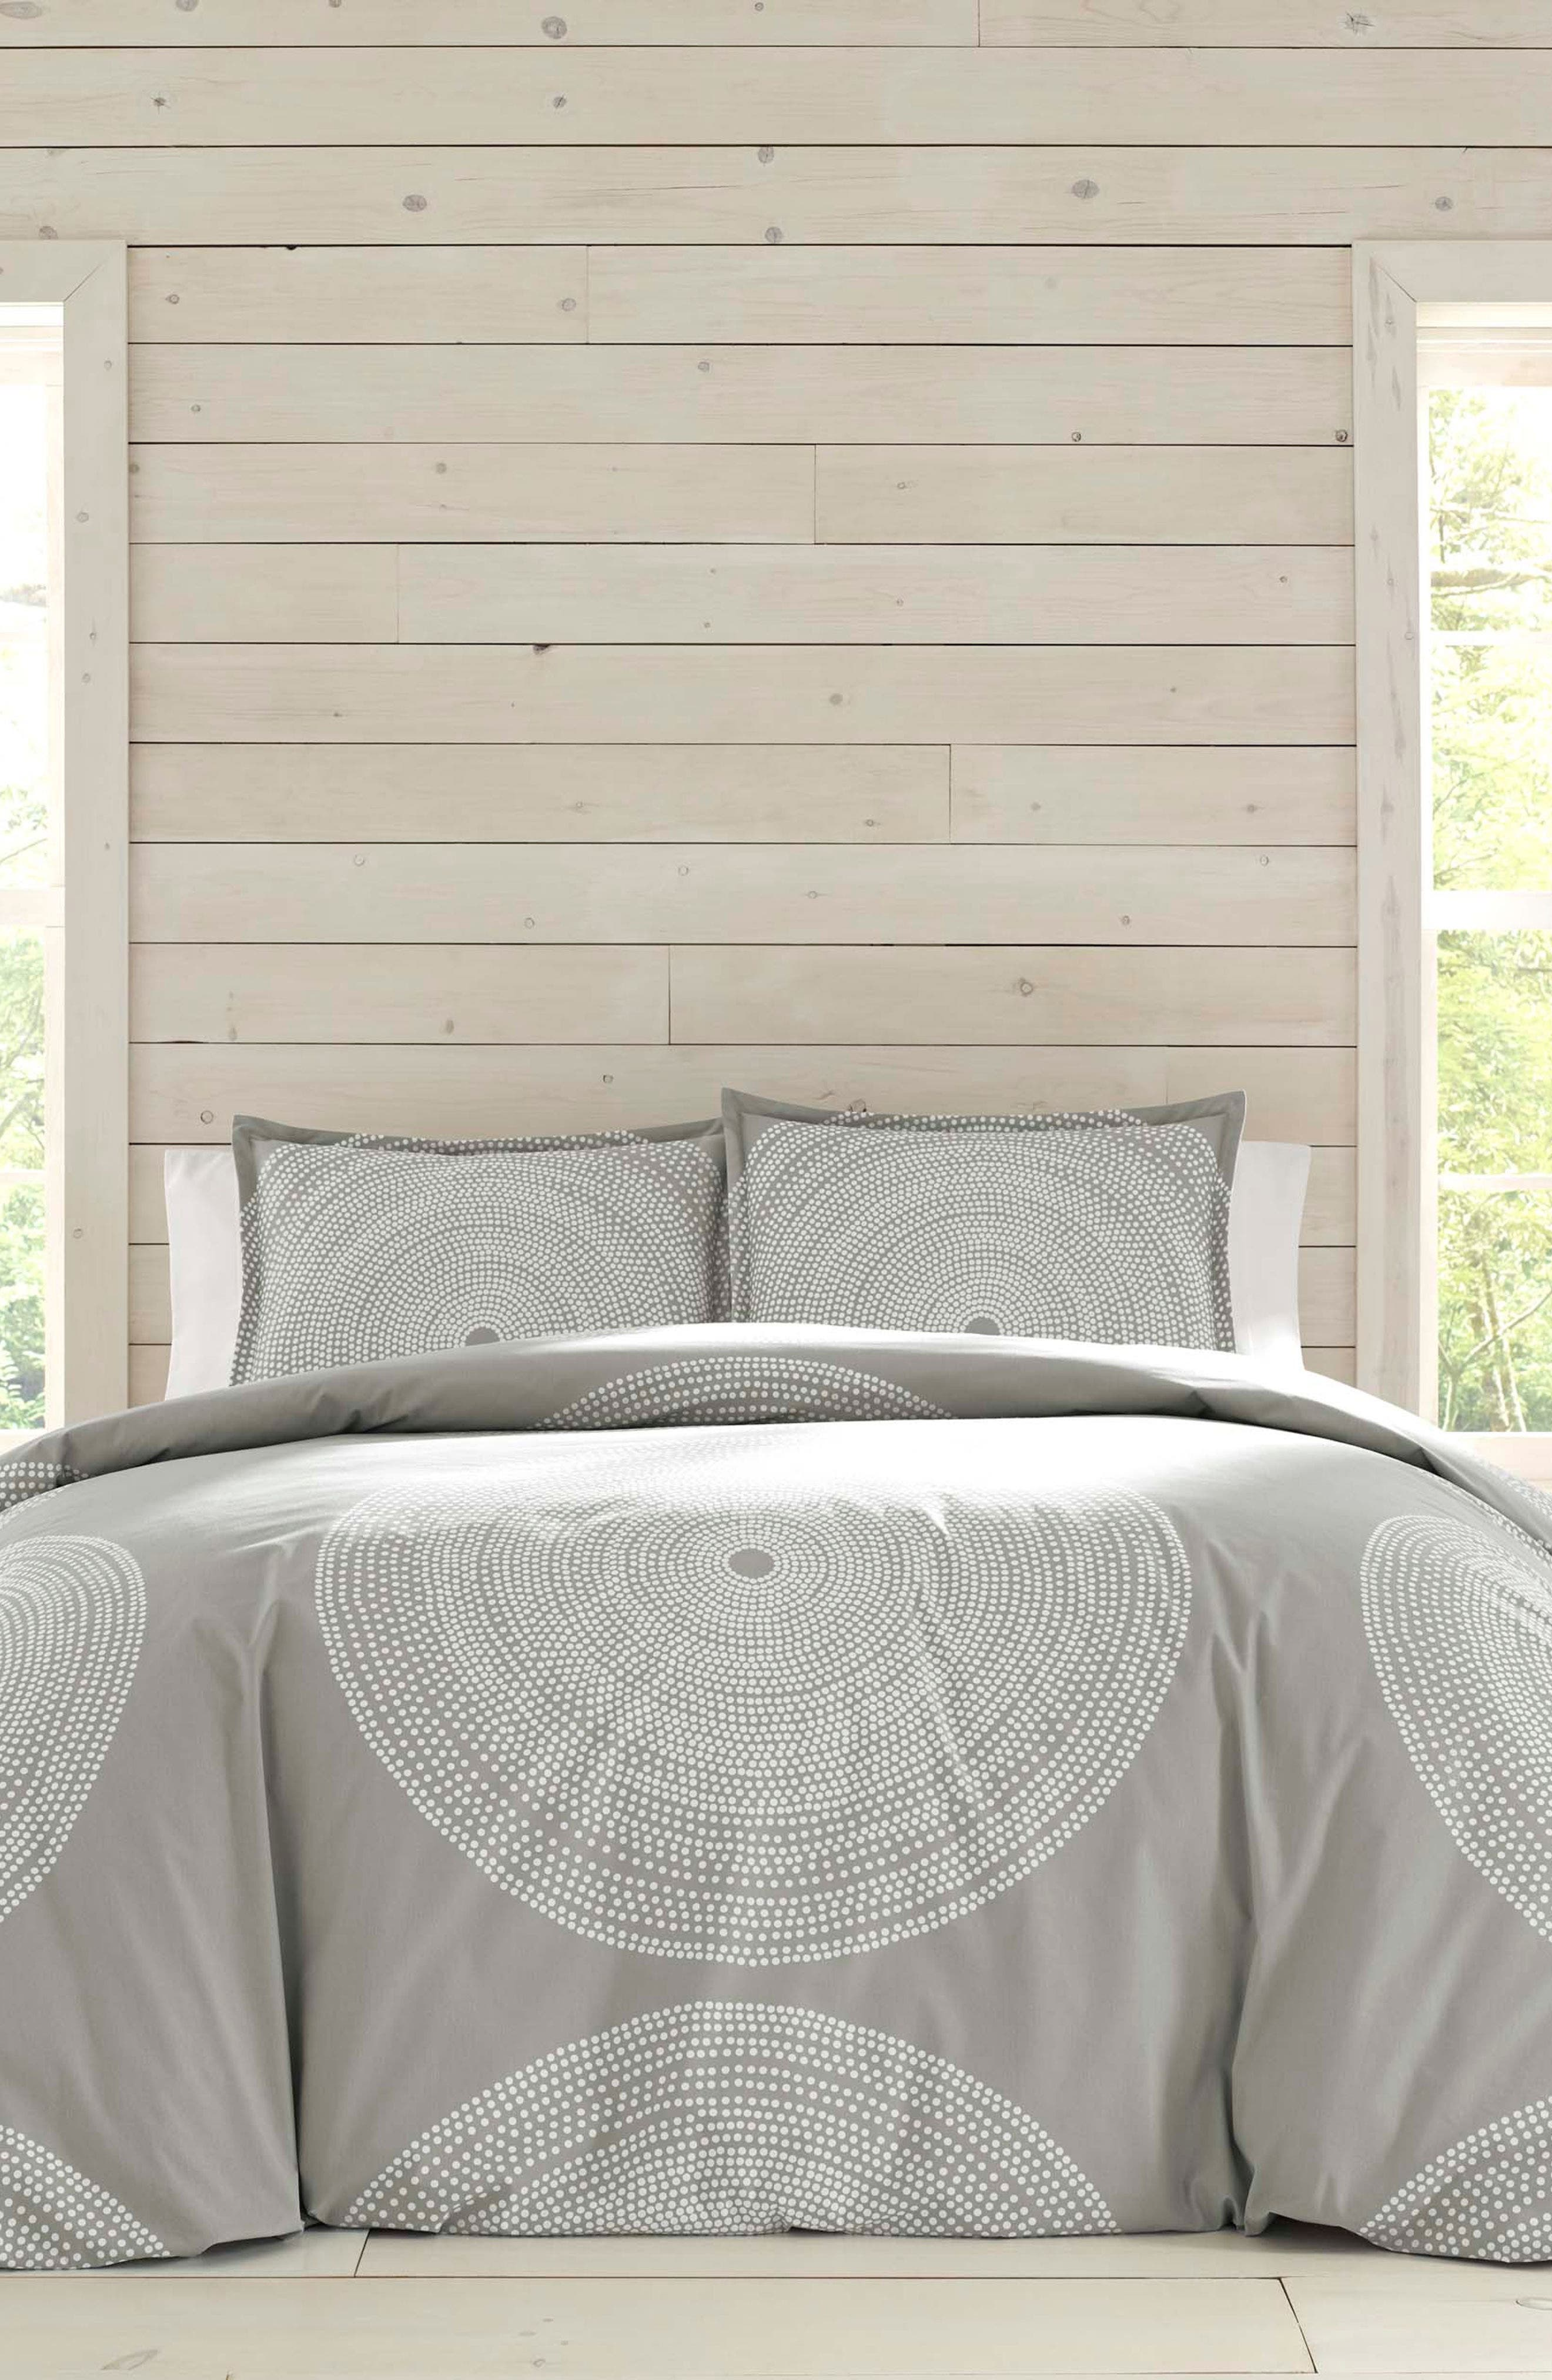 Marimekko Fokus Duvet Cover  Sham Set Size Queen  Grey